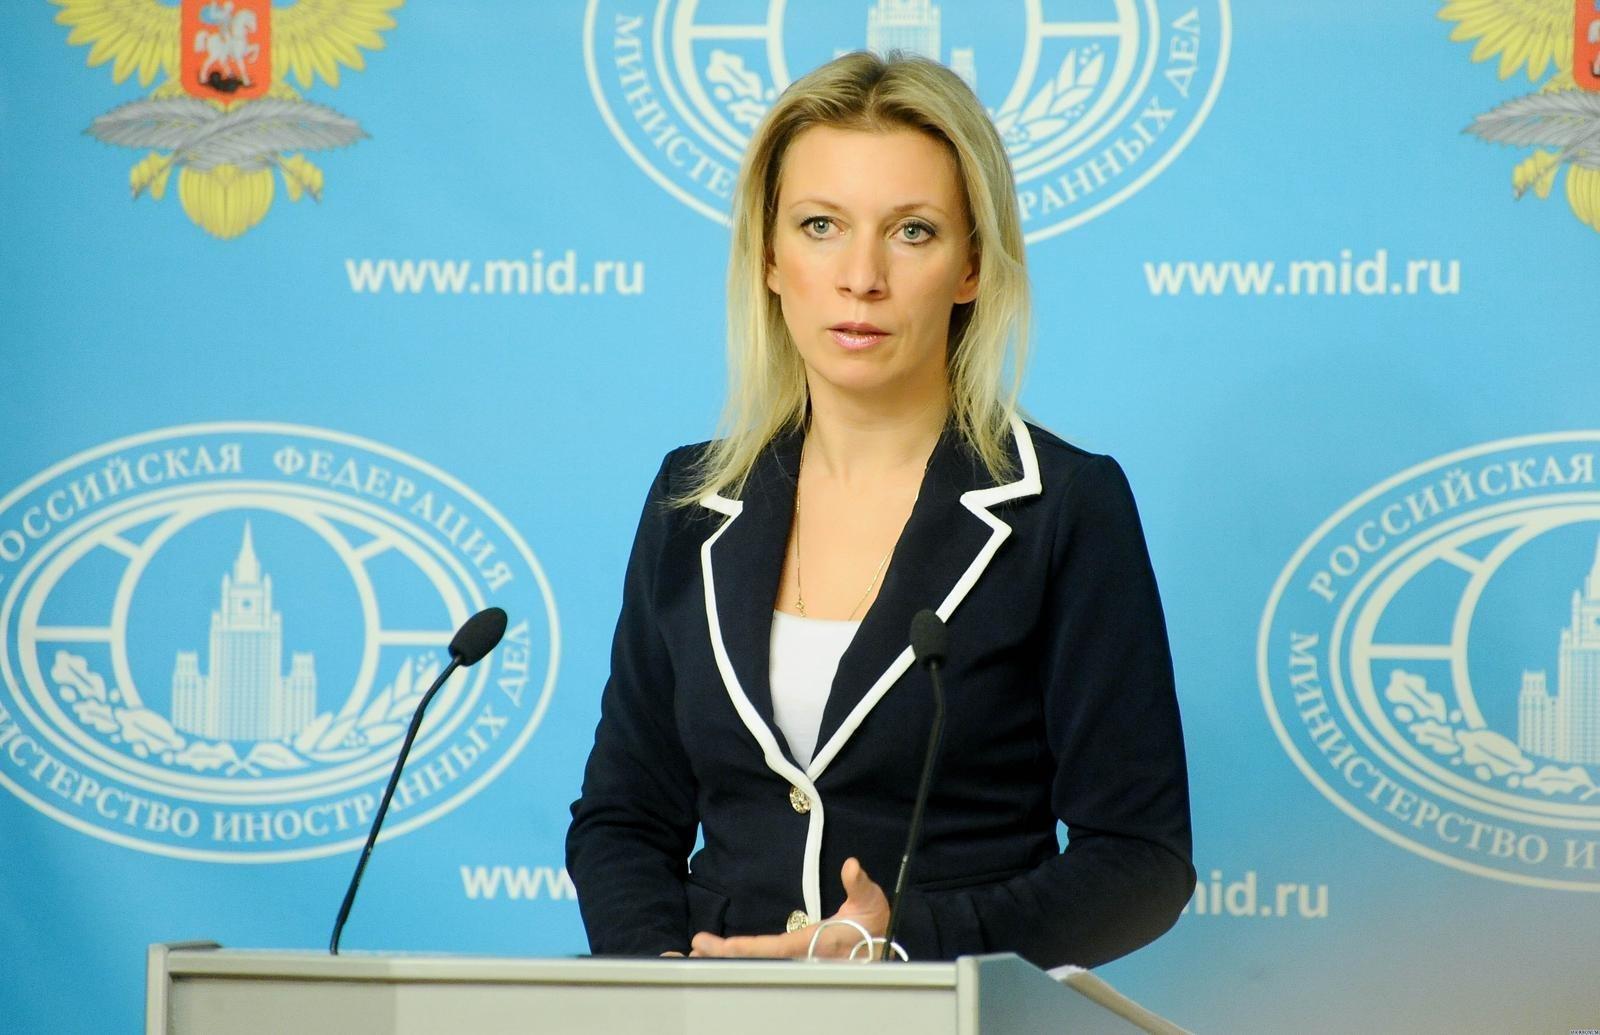 «Полный абсурд»: Захарова пошутила опохищающих украинцев Дедах Морозах